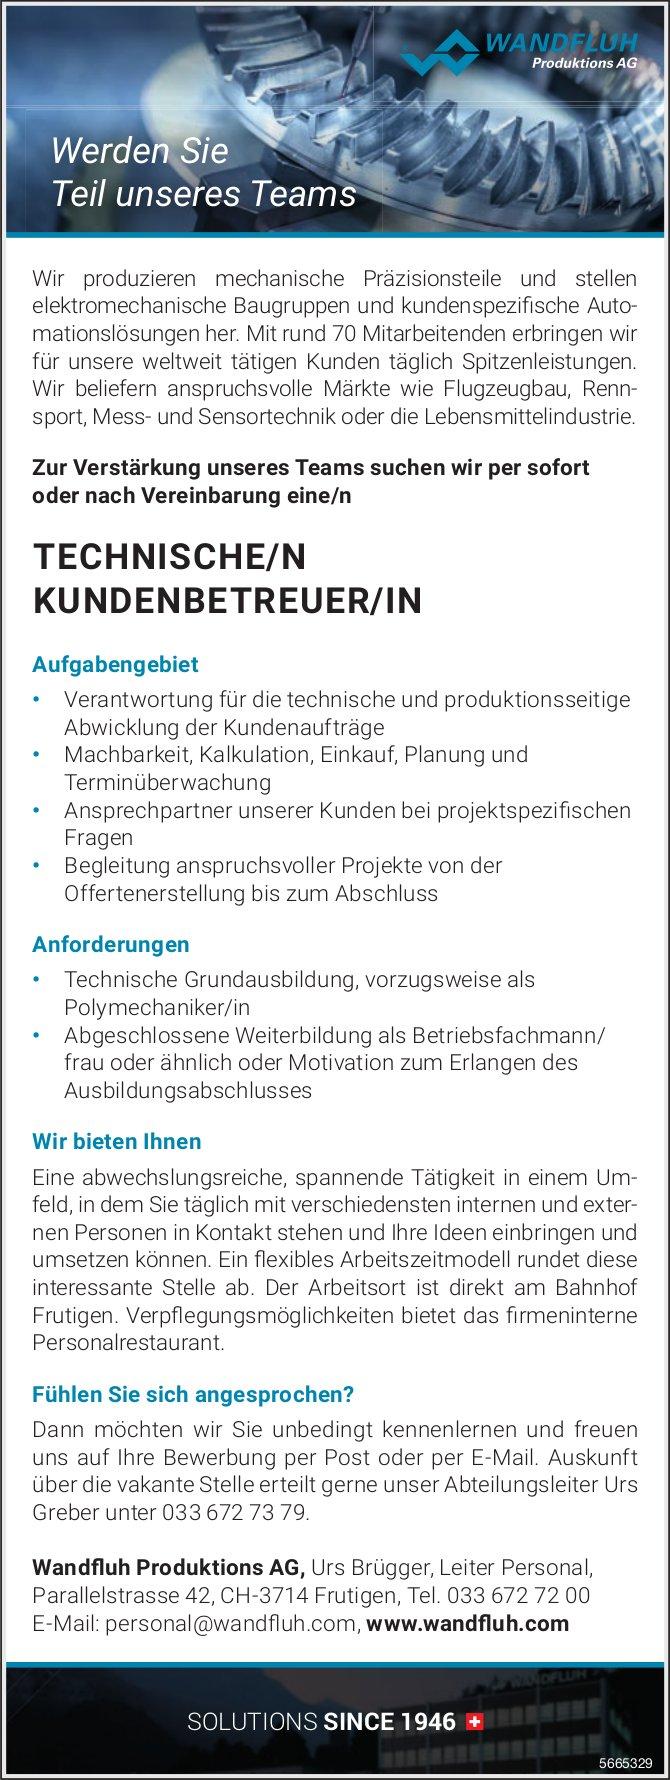 Technische/r Kundenbetreuer/in, Wandfluh Produktions AG, Frutigen, gesucht